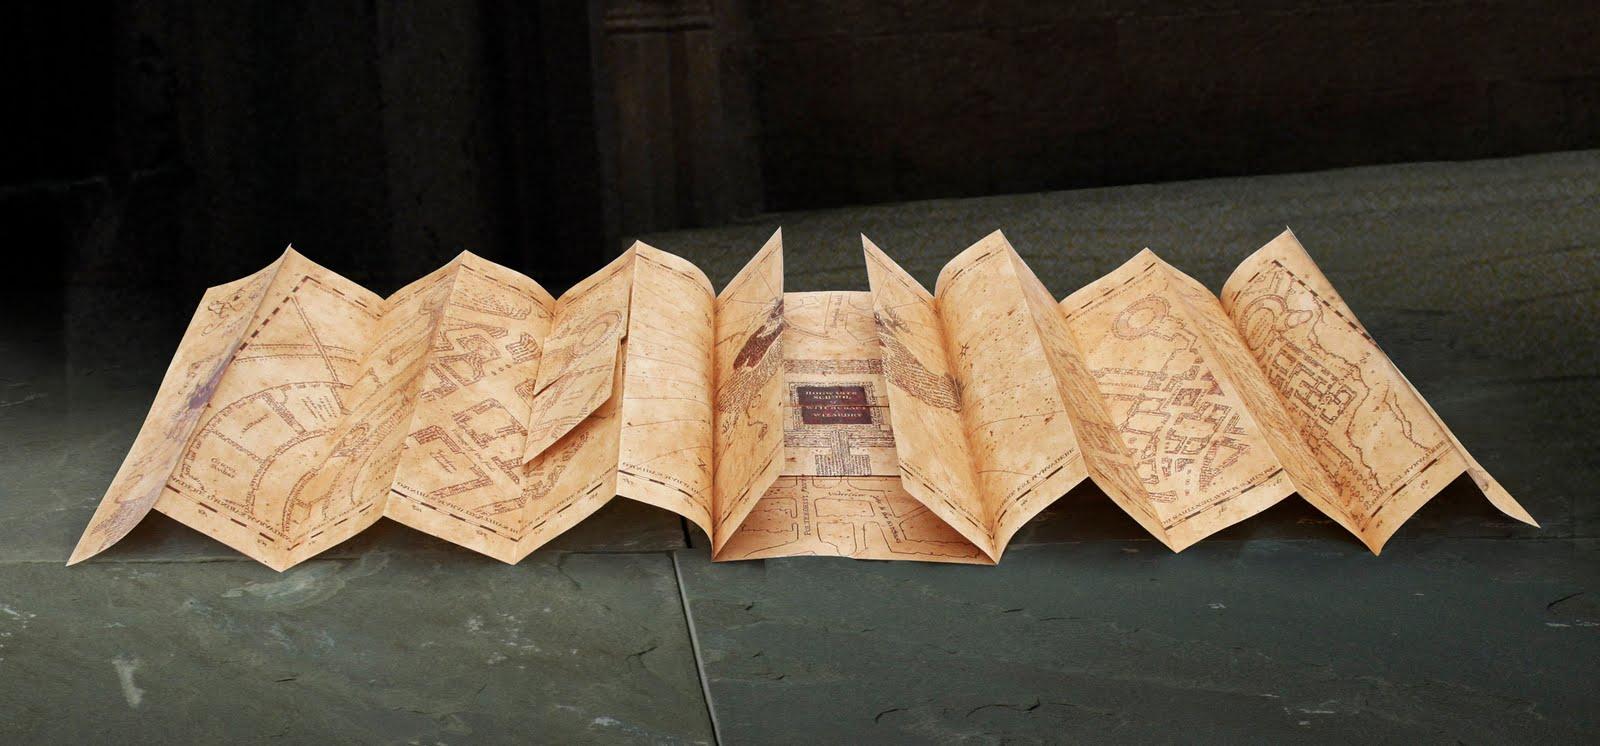 Mapa Del Merodeador Comprar.Harry Potter Mapa Del Merodeador Universo Funko Planeta